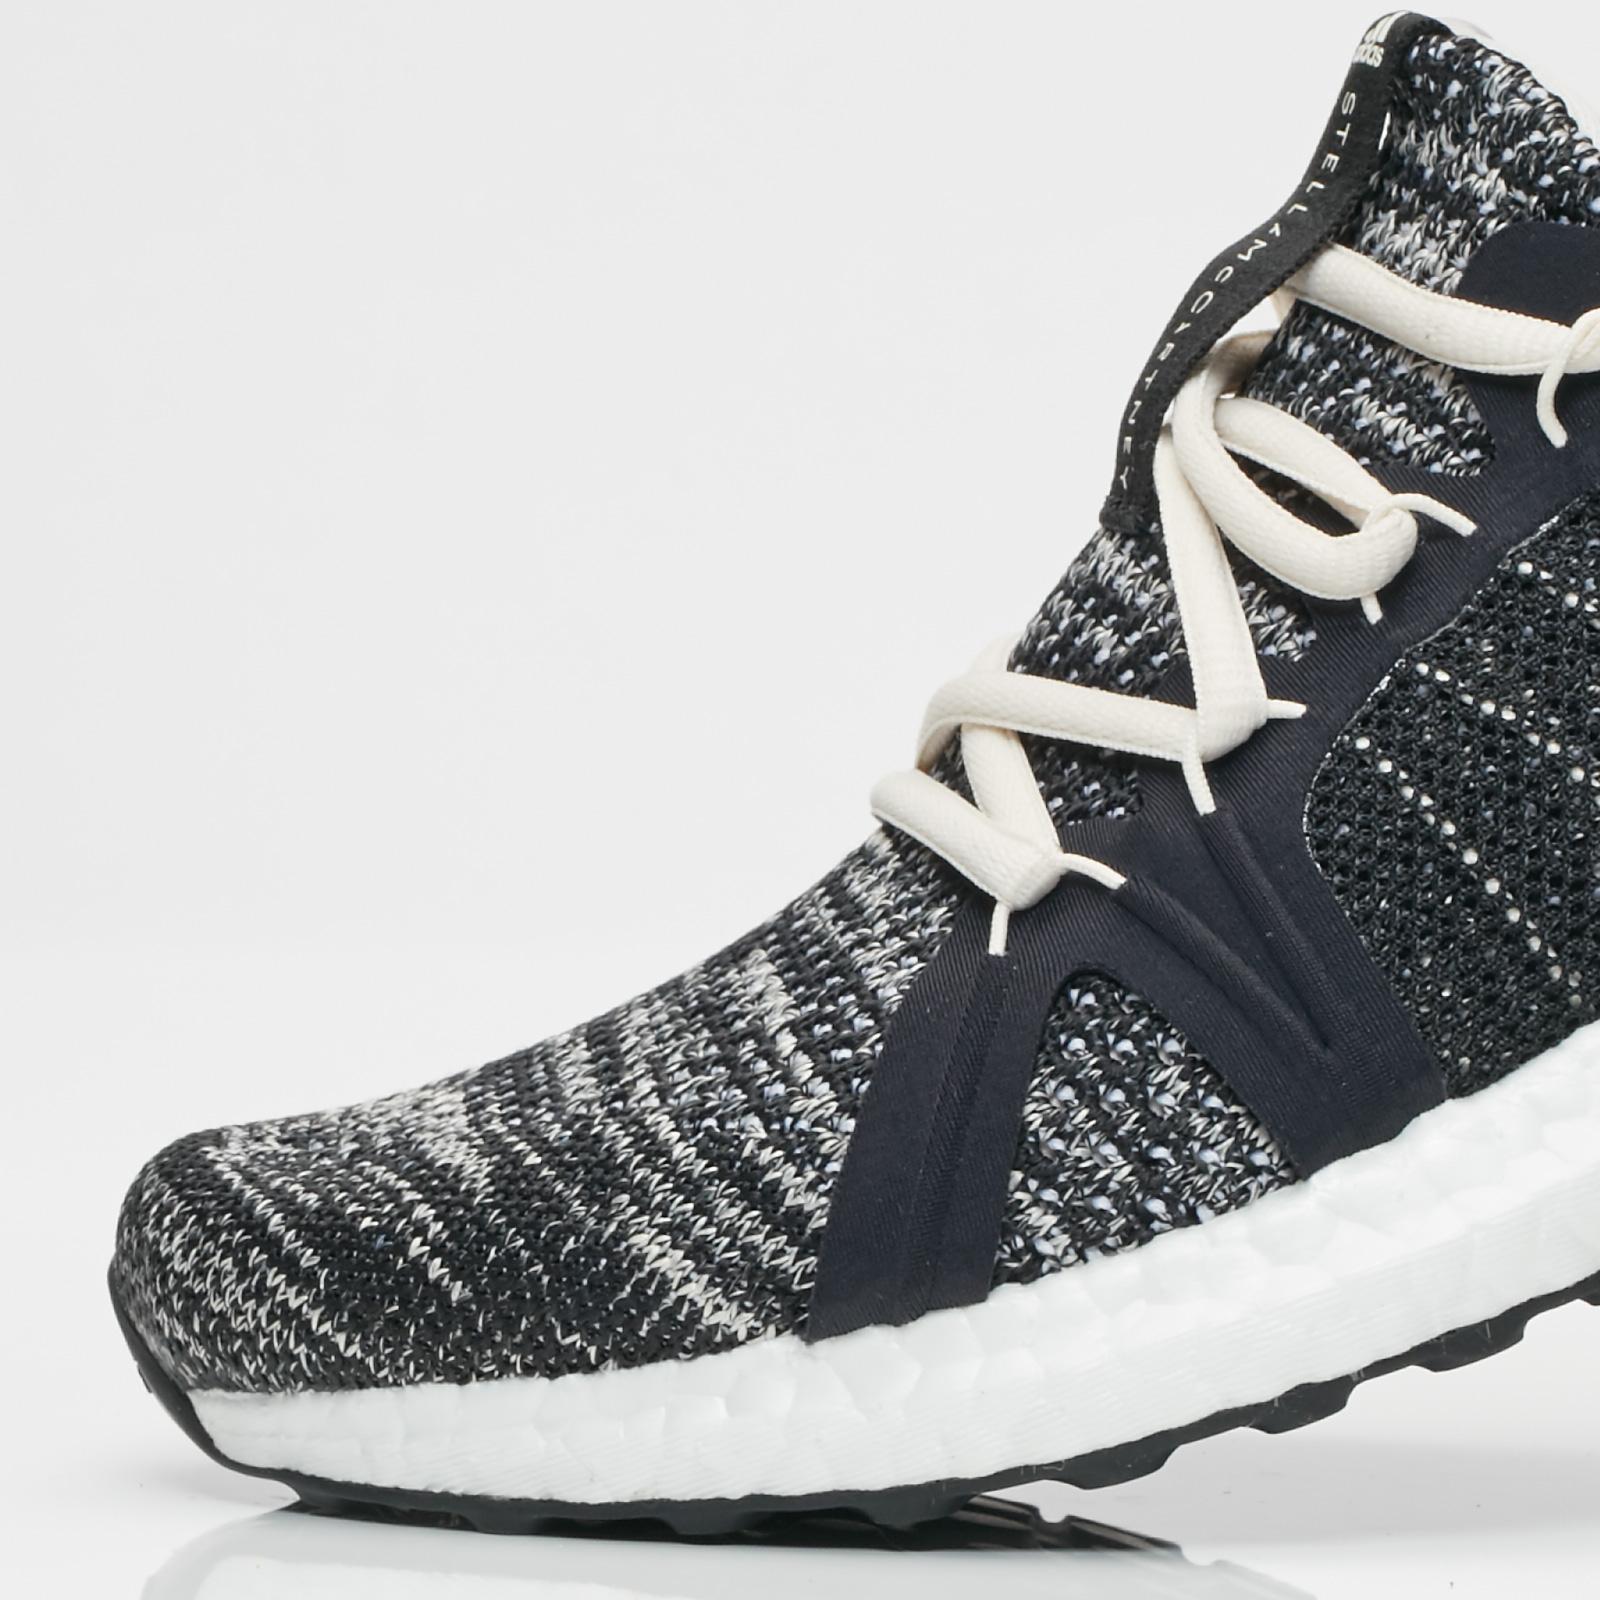 Adidas ultraboost Parley bb6264 sneakersnstuff Sneakers